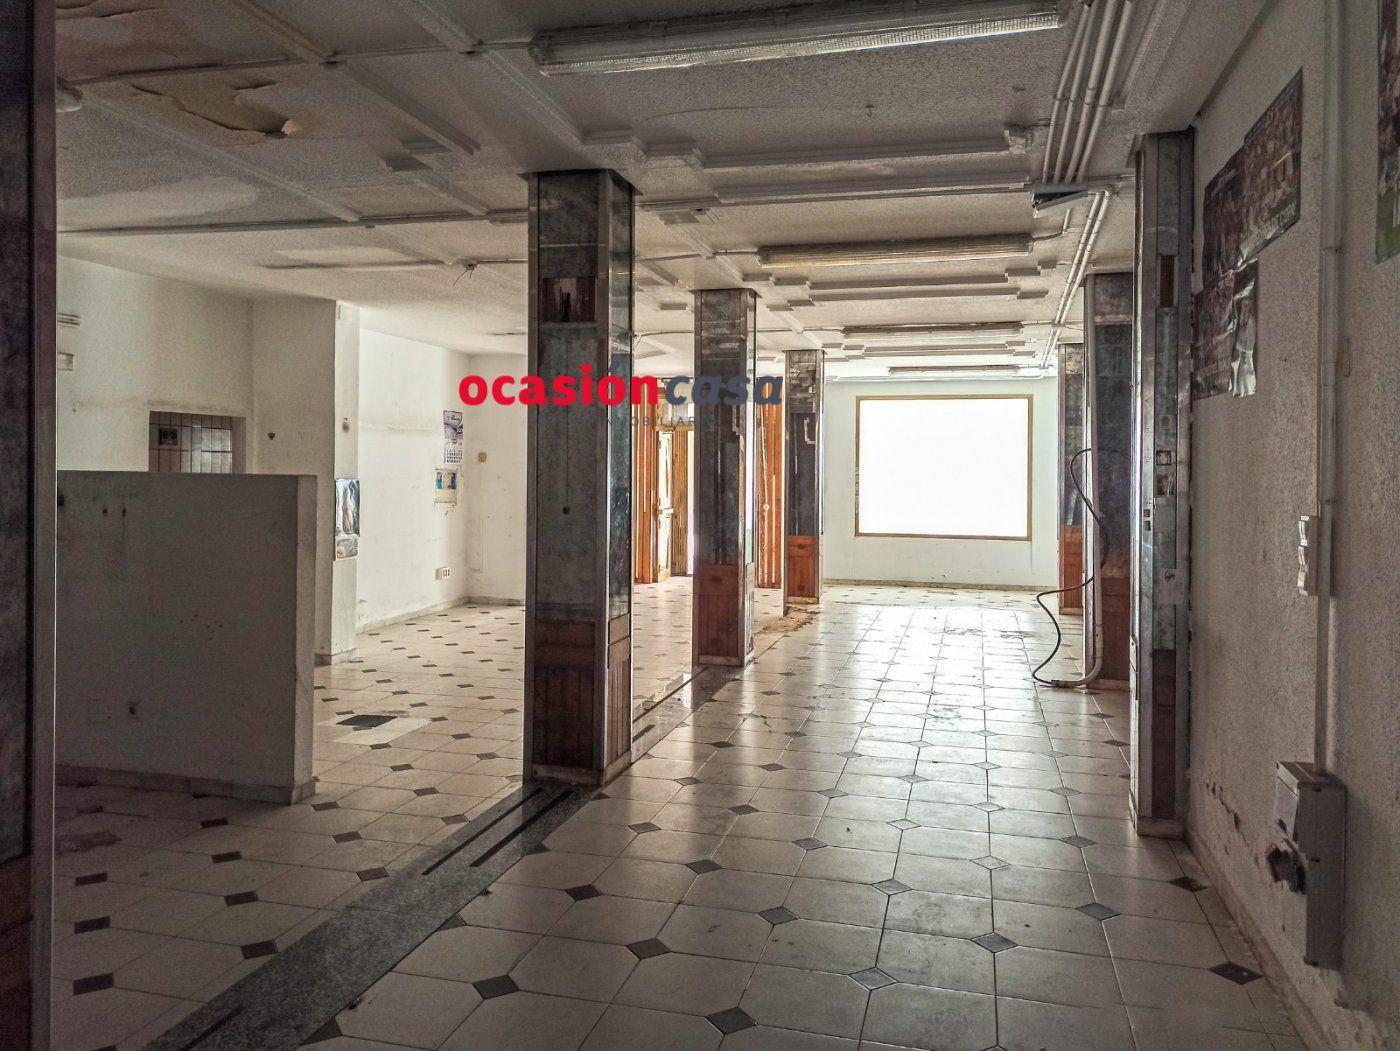 Local Comercial · Pozoblanco · Centro 950€ MES€